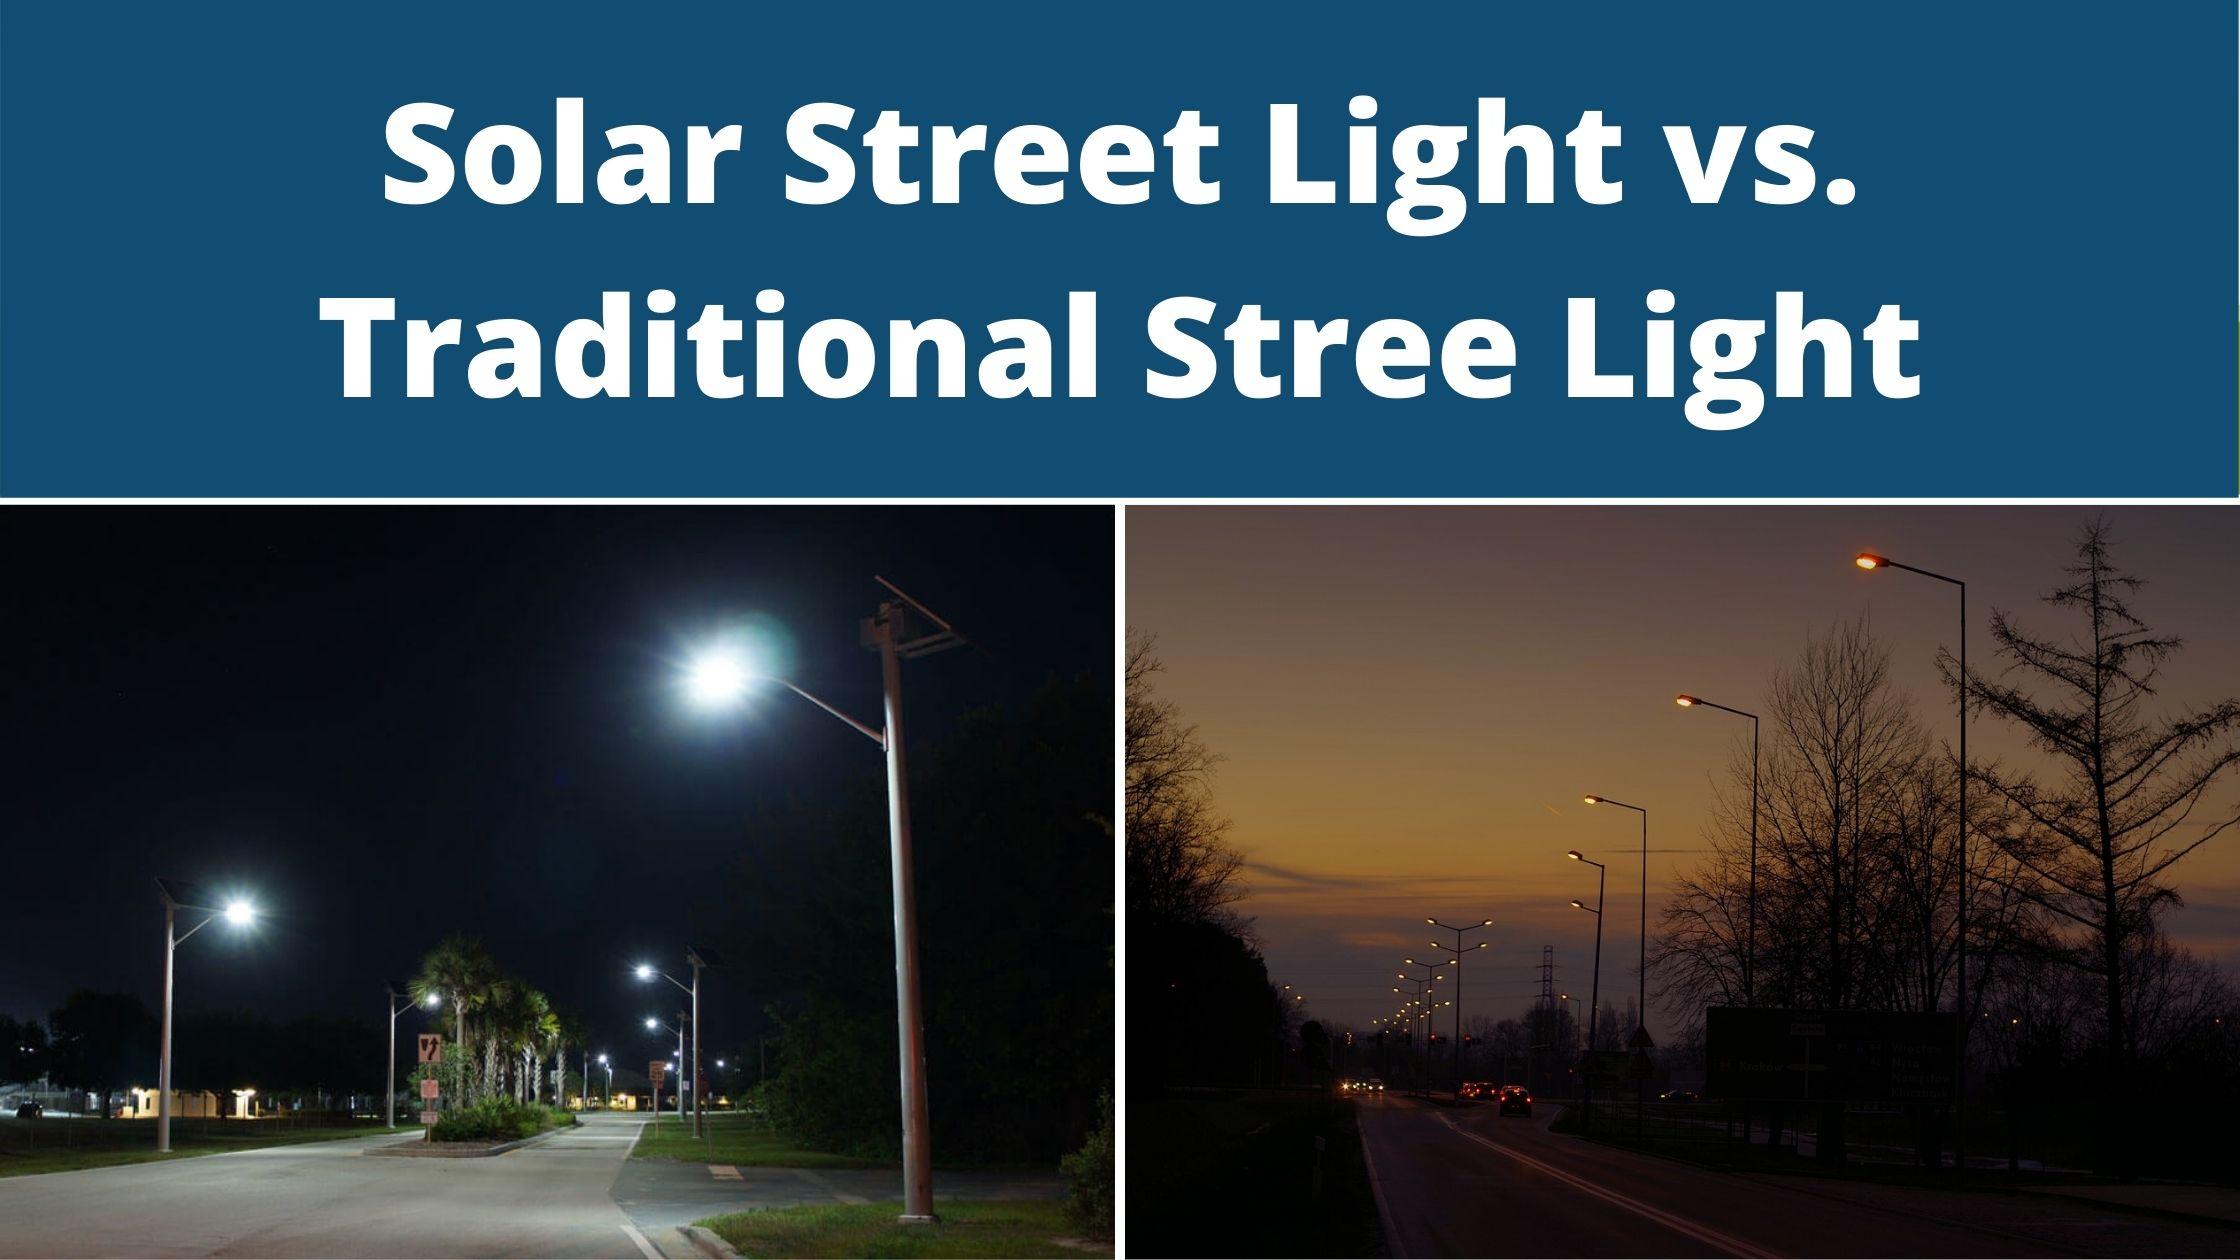 Solar Street Light vs. Traditional Stree Light